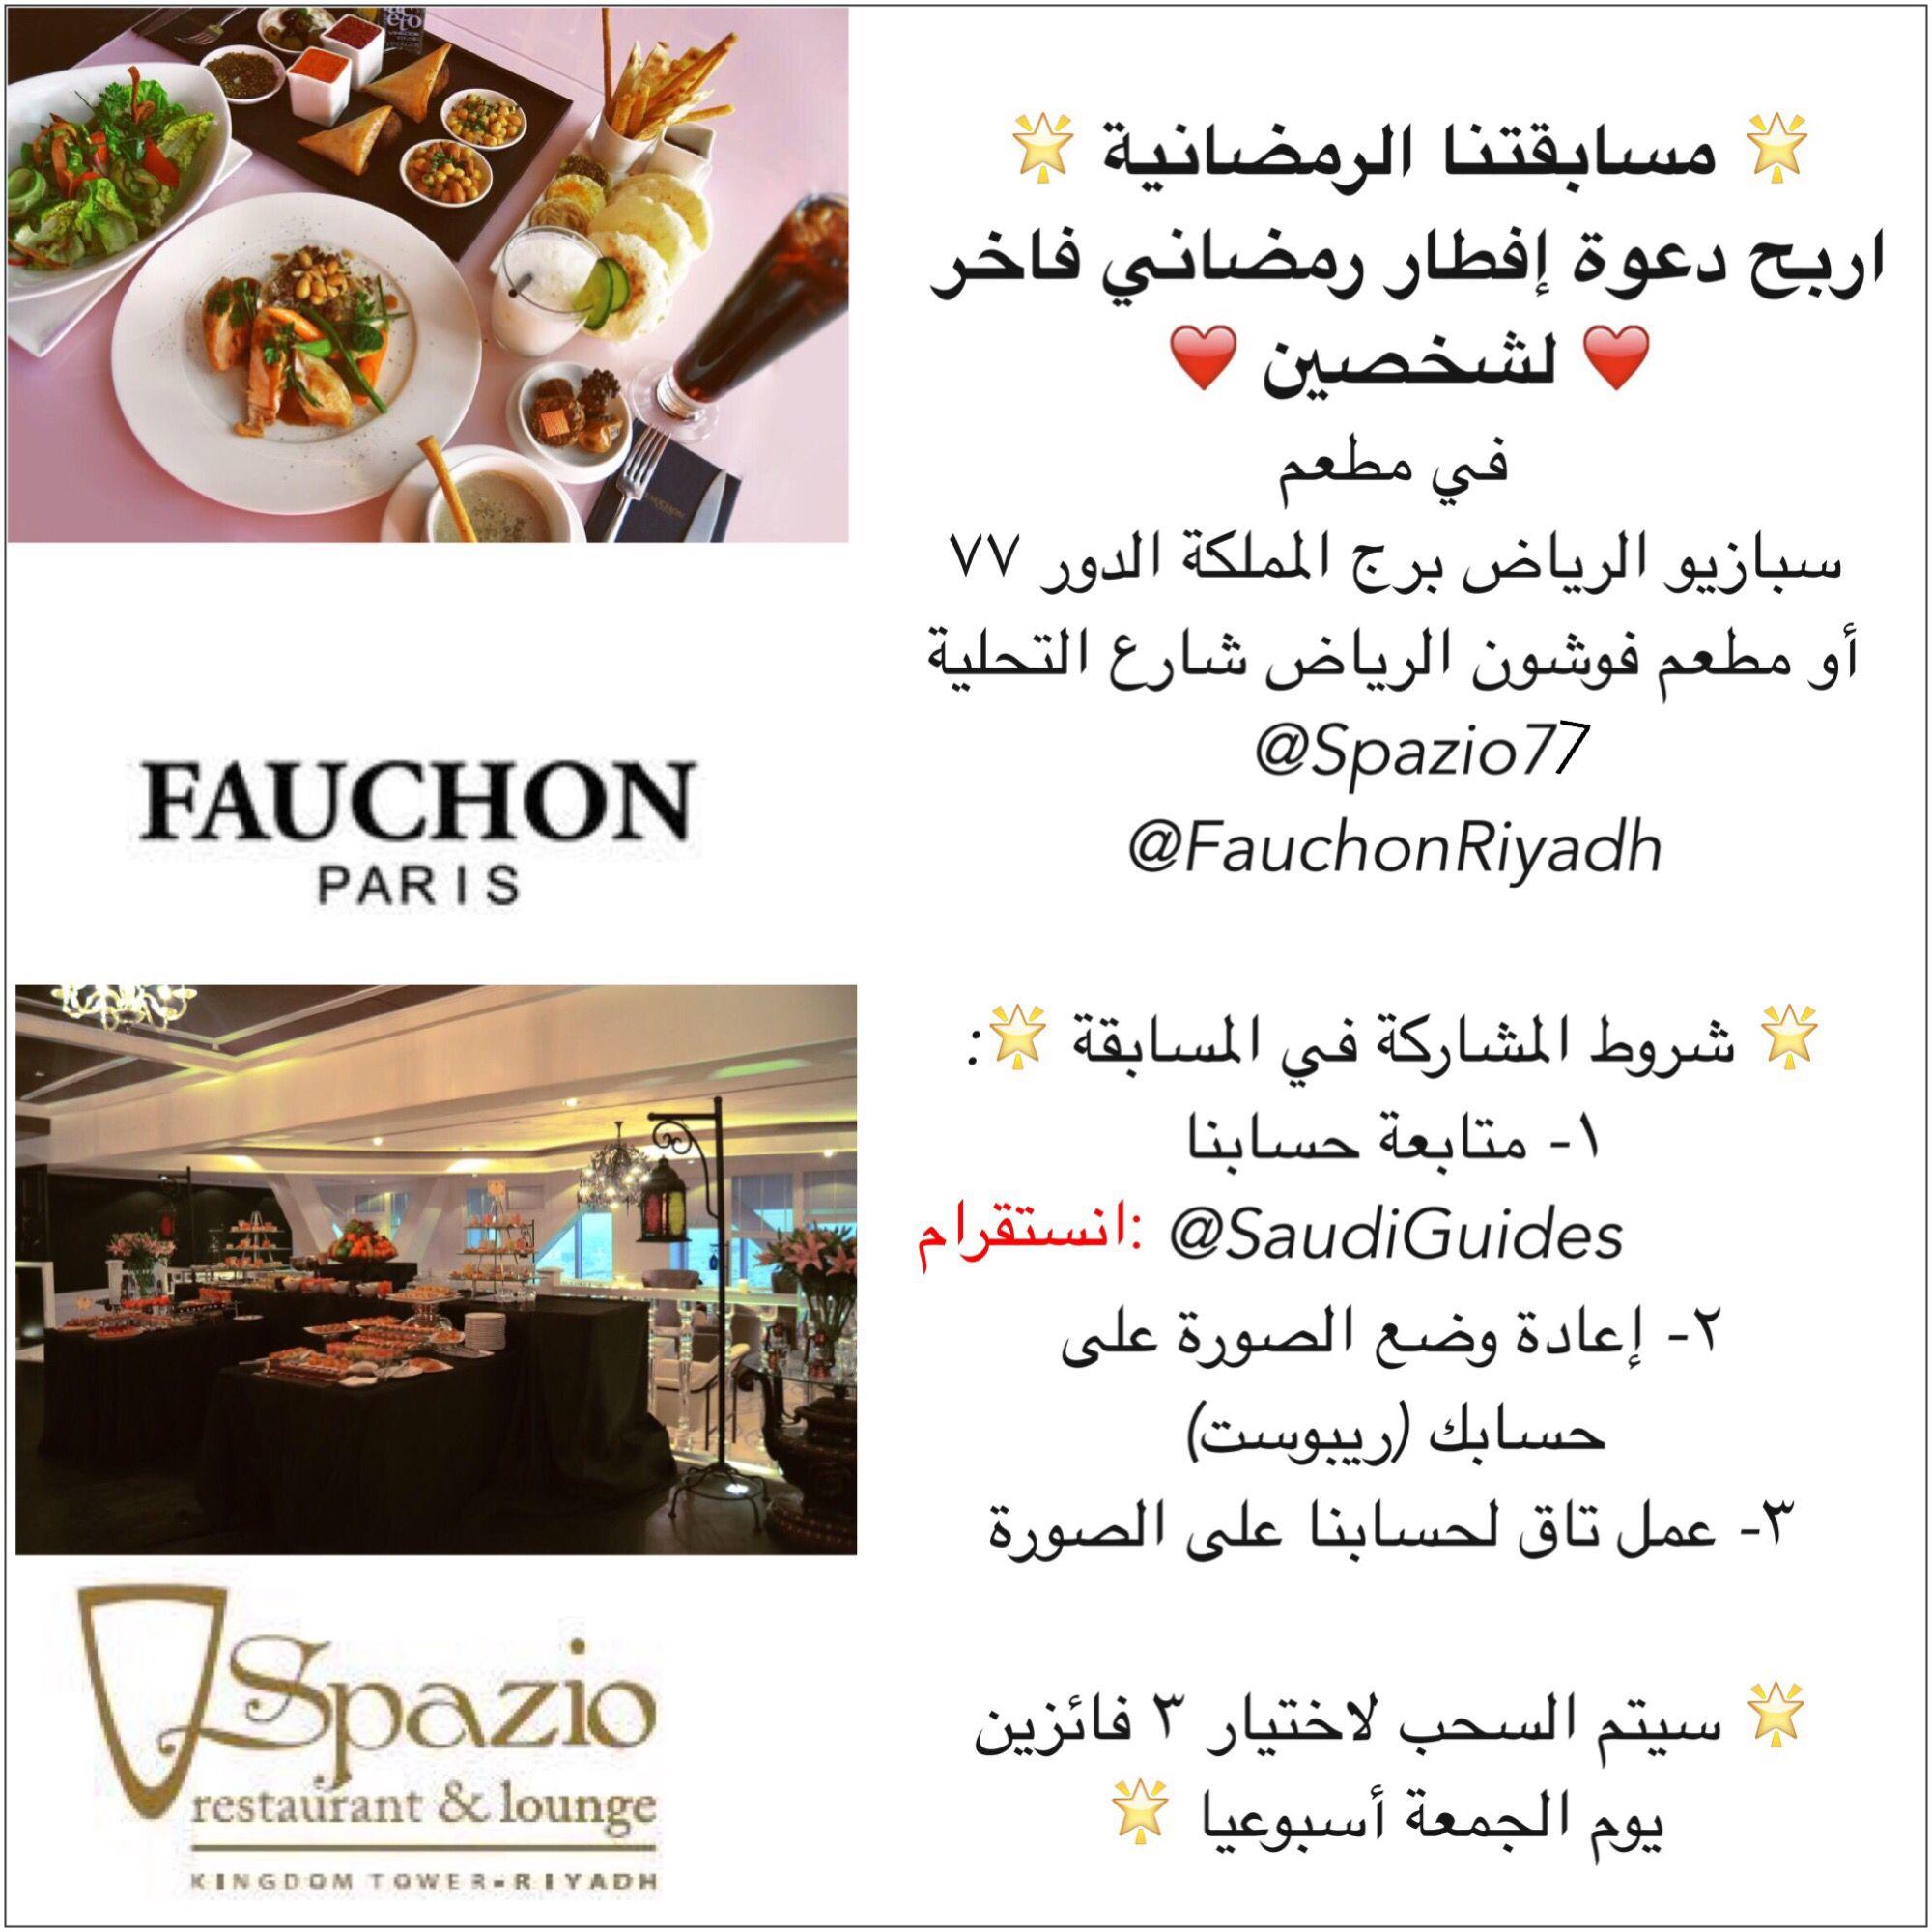 مسابقتنا في رمضان على انستقرام Our Ramadan Competition Announcement